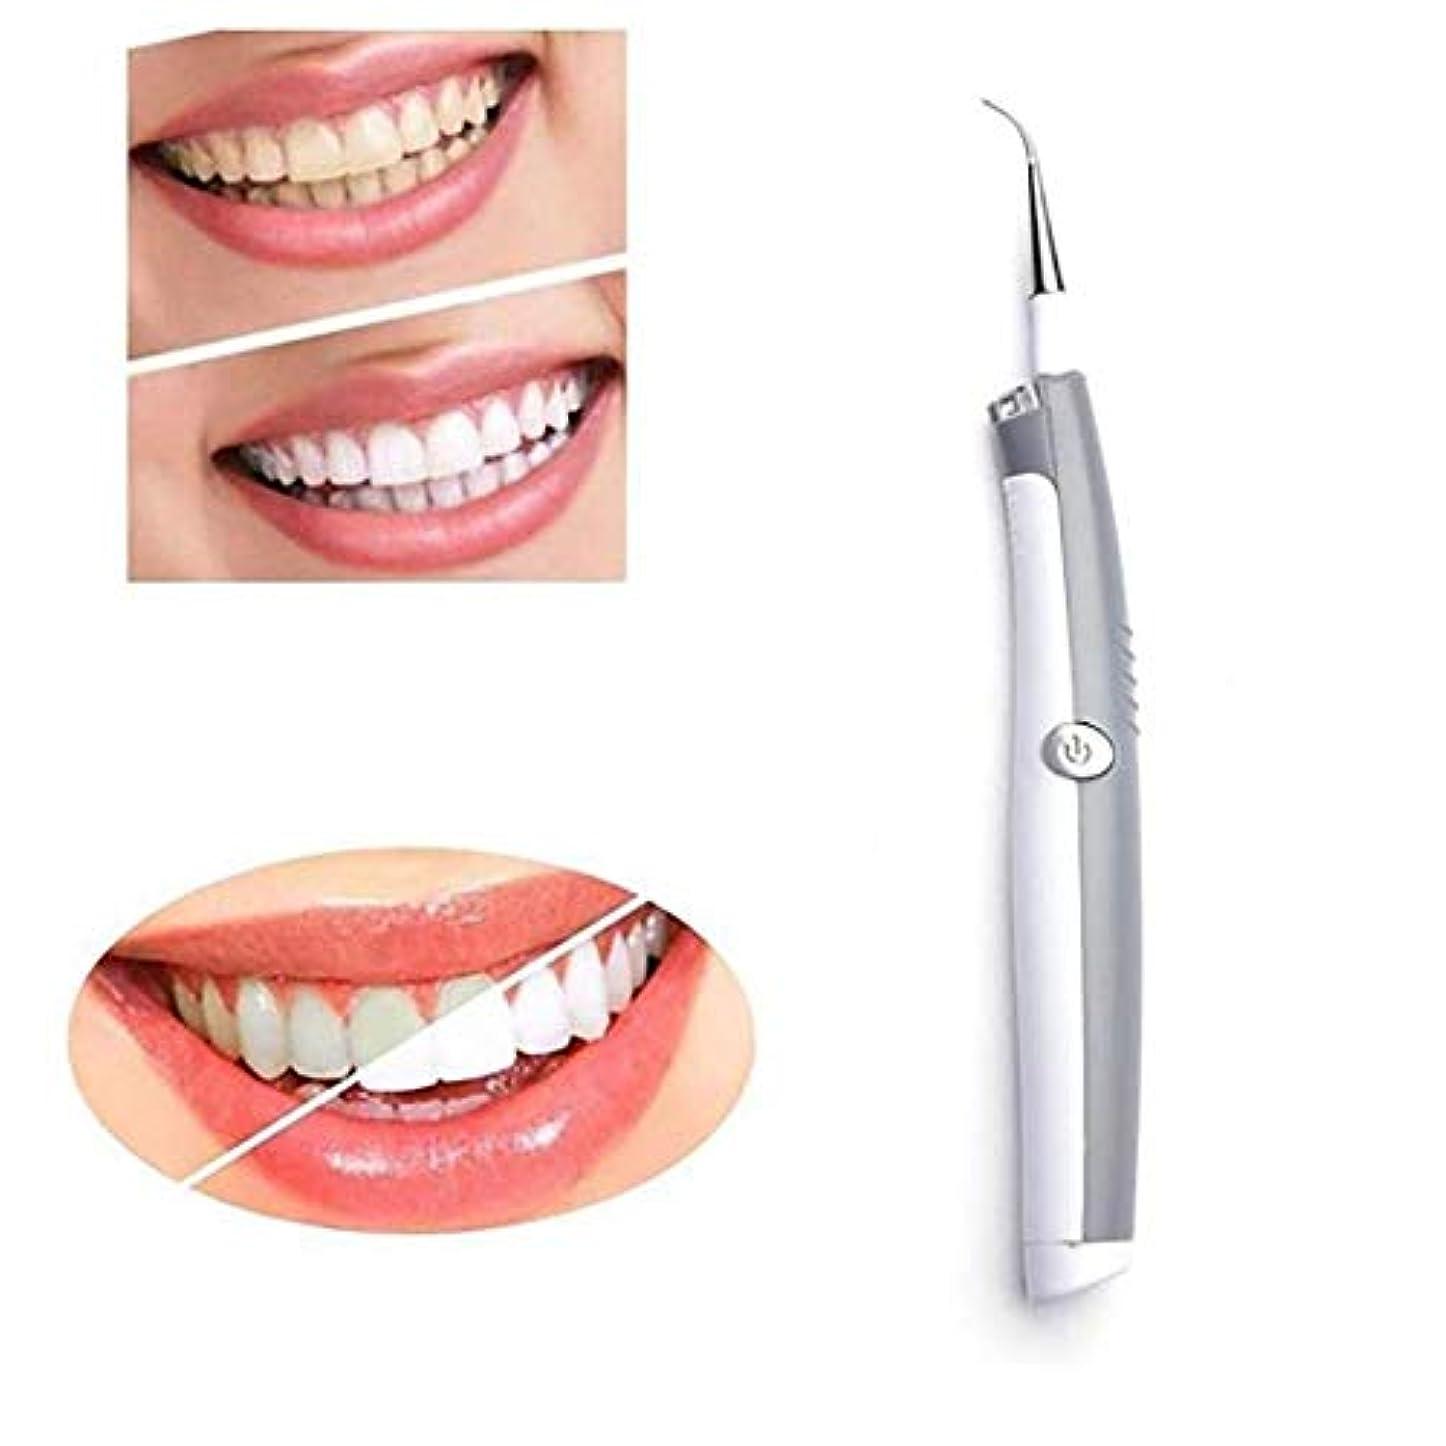 影響する感じ入場LEDライト付き電動歯クリーナーエレクトリック歯石の除去ホワイトニング歯科クリーニングツール